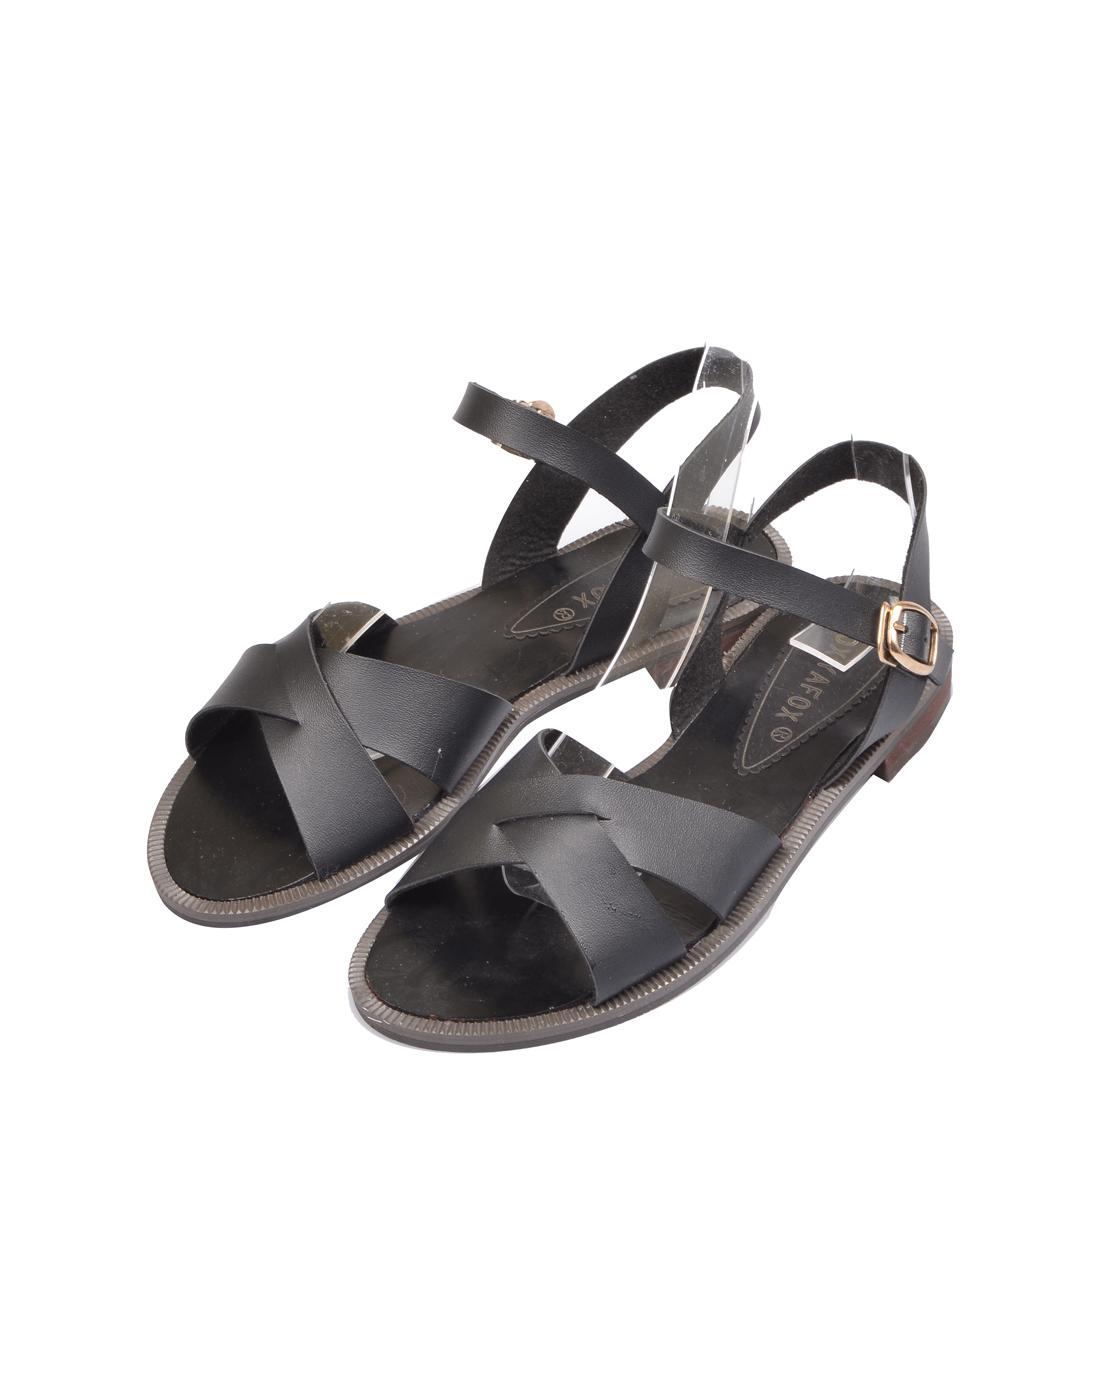 foxyafox平跟平底凉鞋j698-18-s1